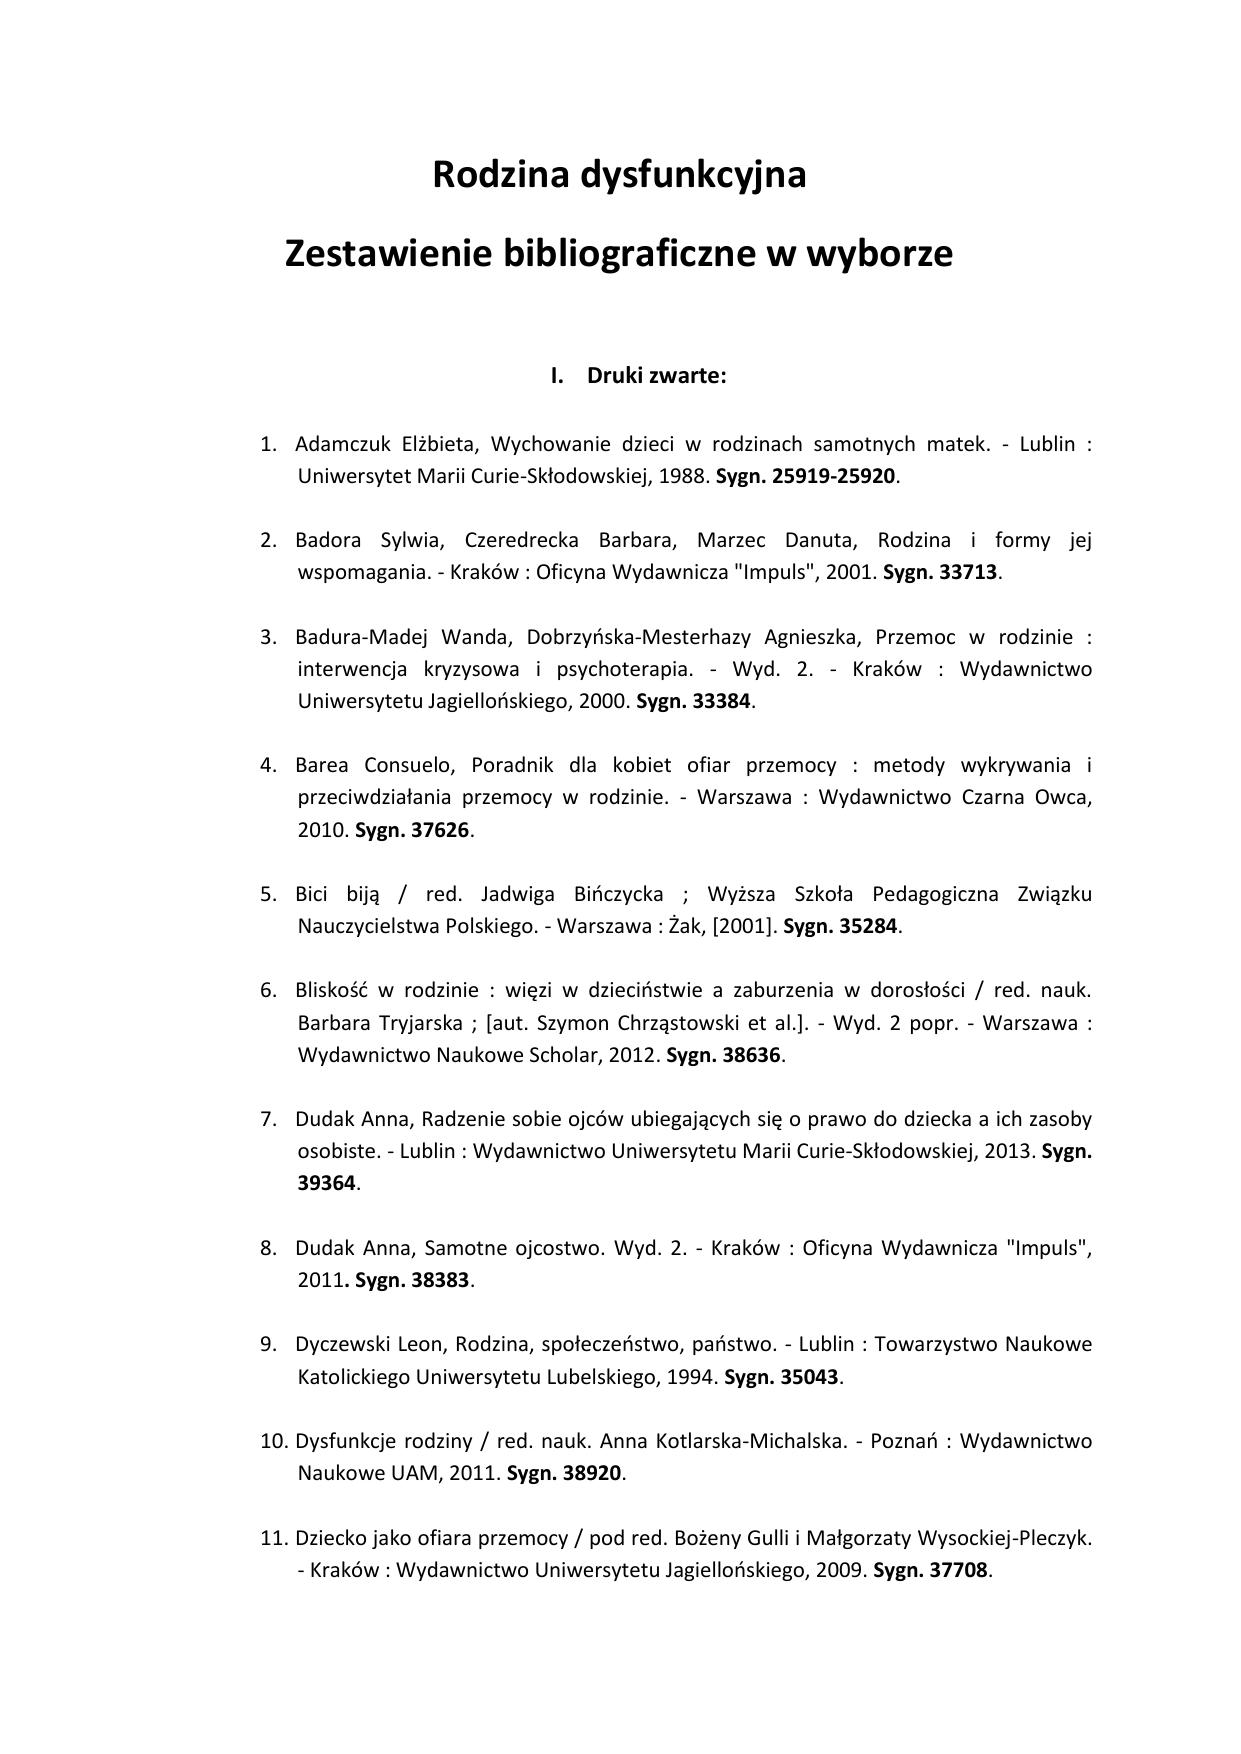 zydw w pile - Bibliografia Publikacji Pracownikw